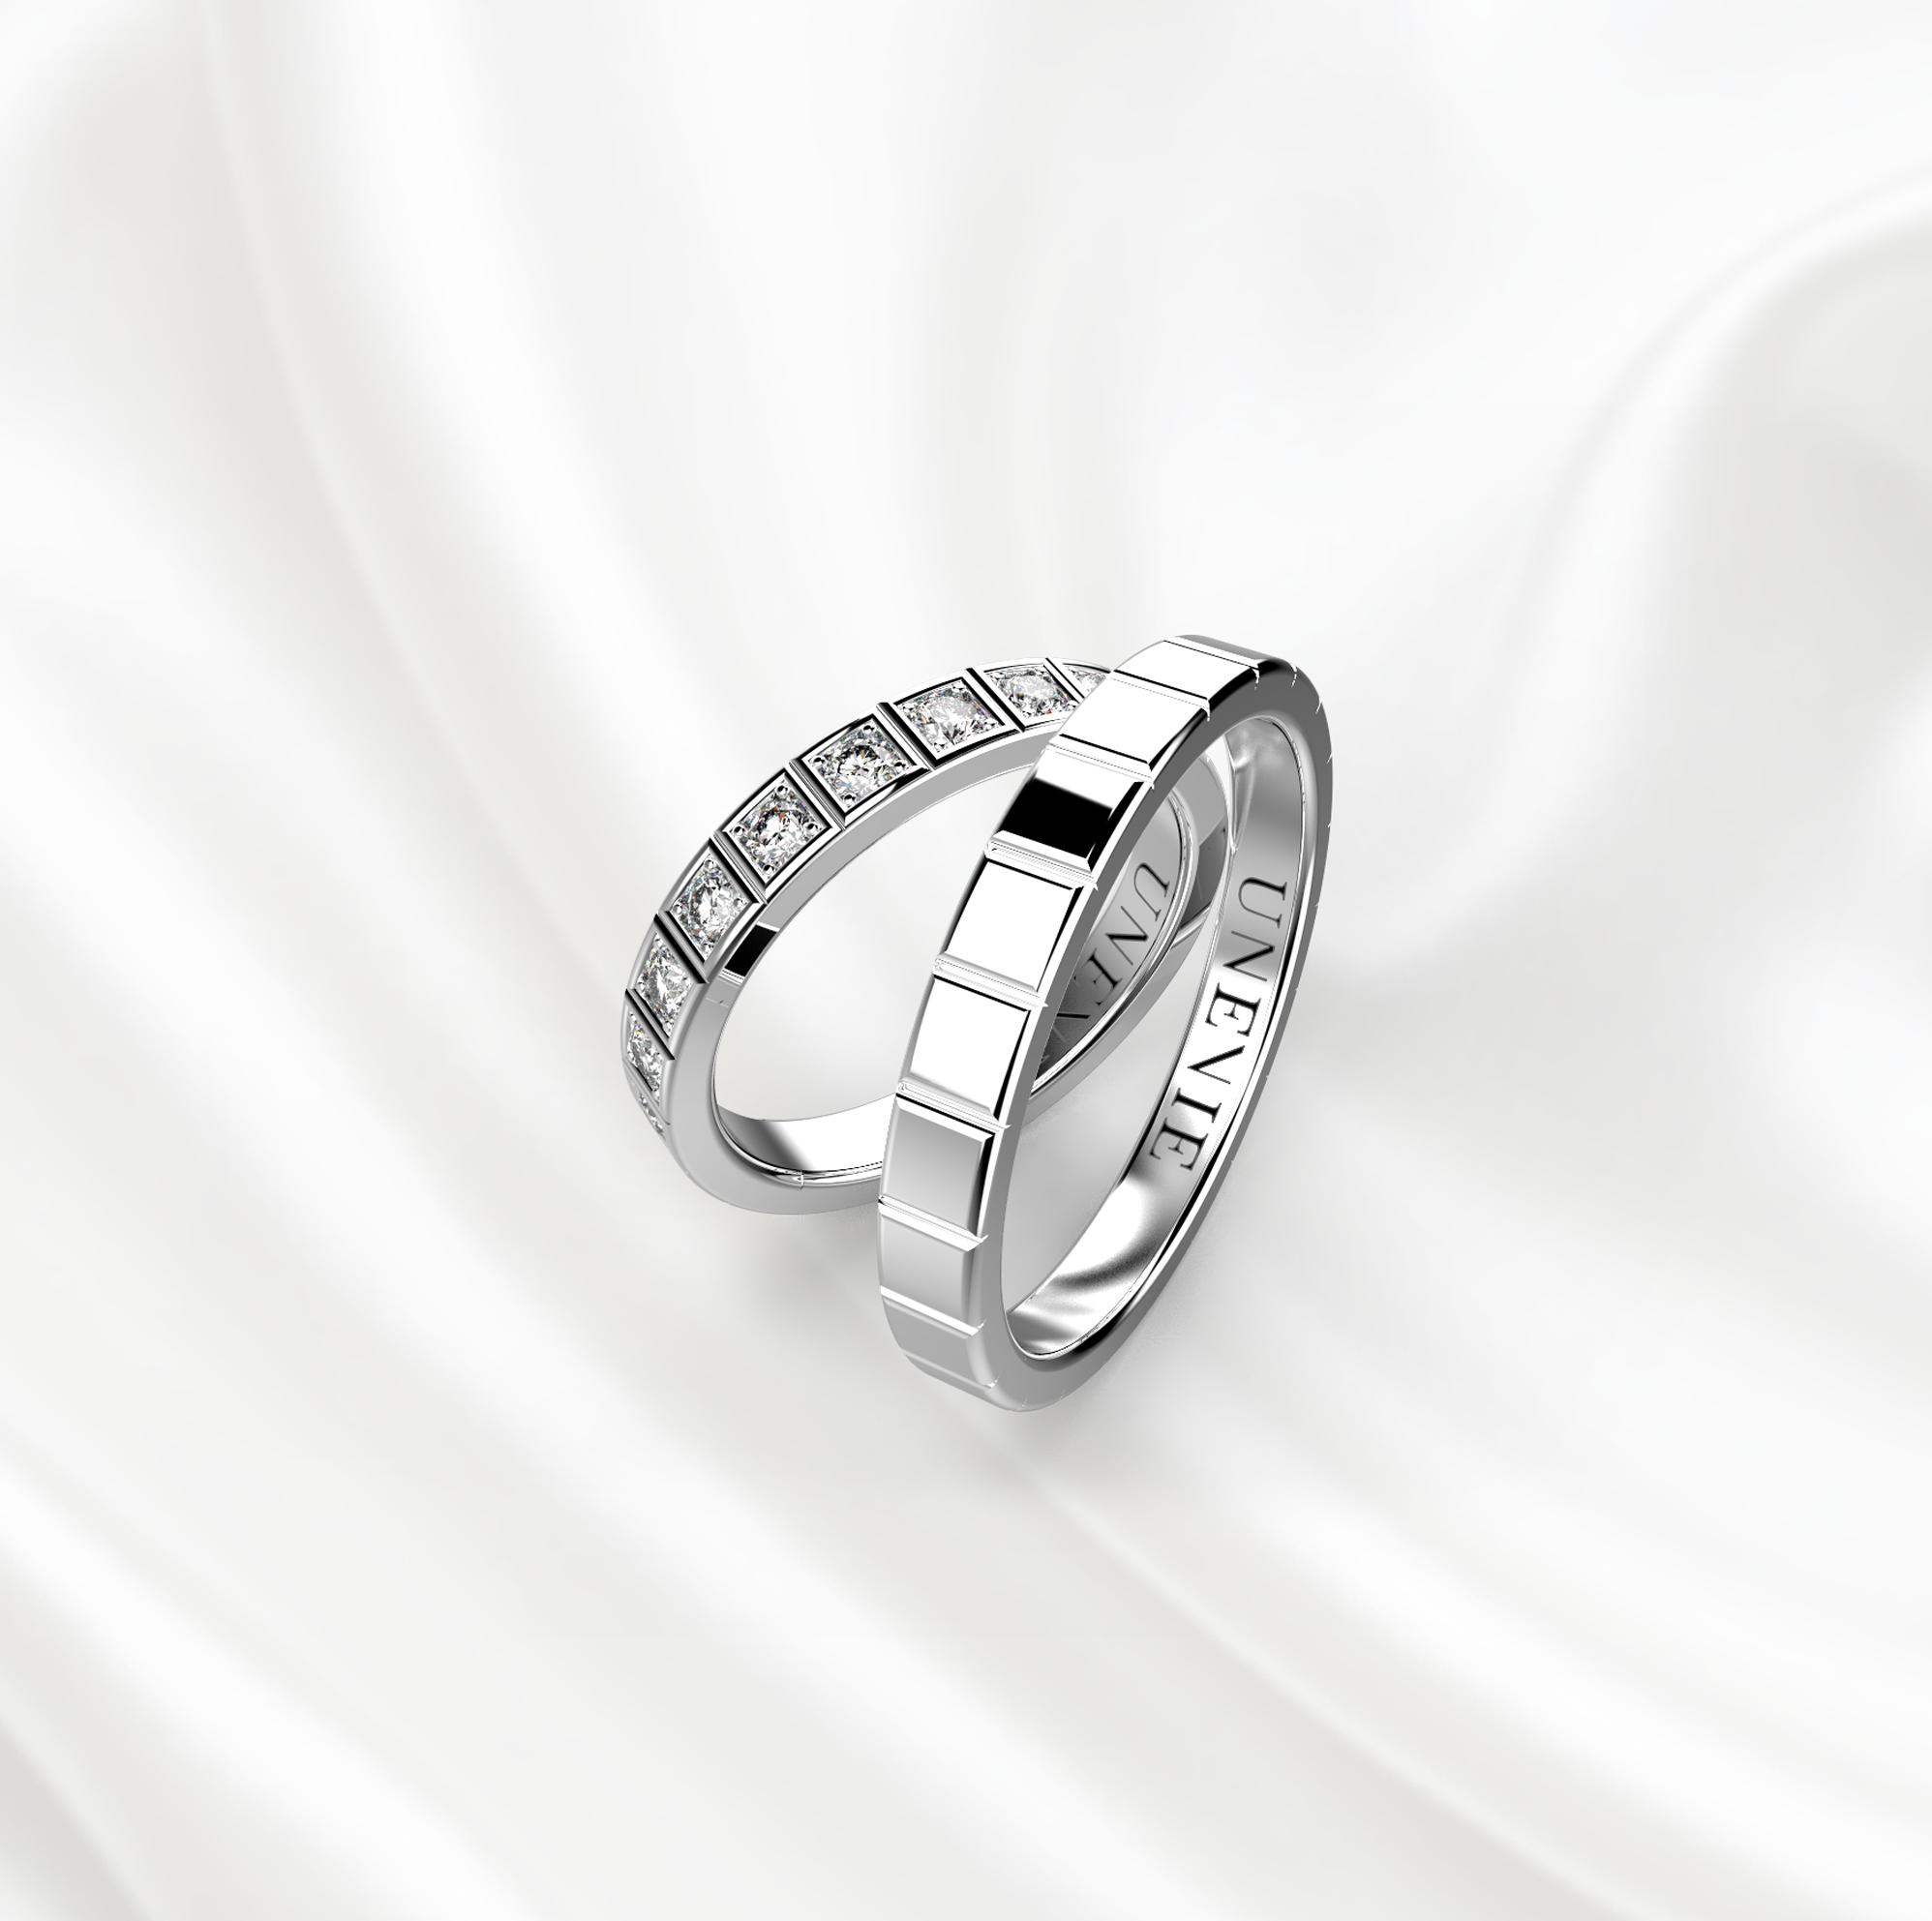 NV26 Обручальные кольца из белого золота с бриллиантами